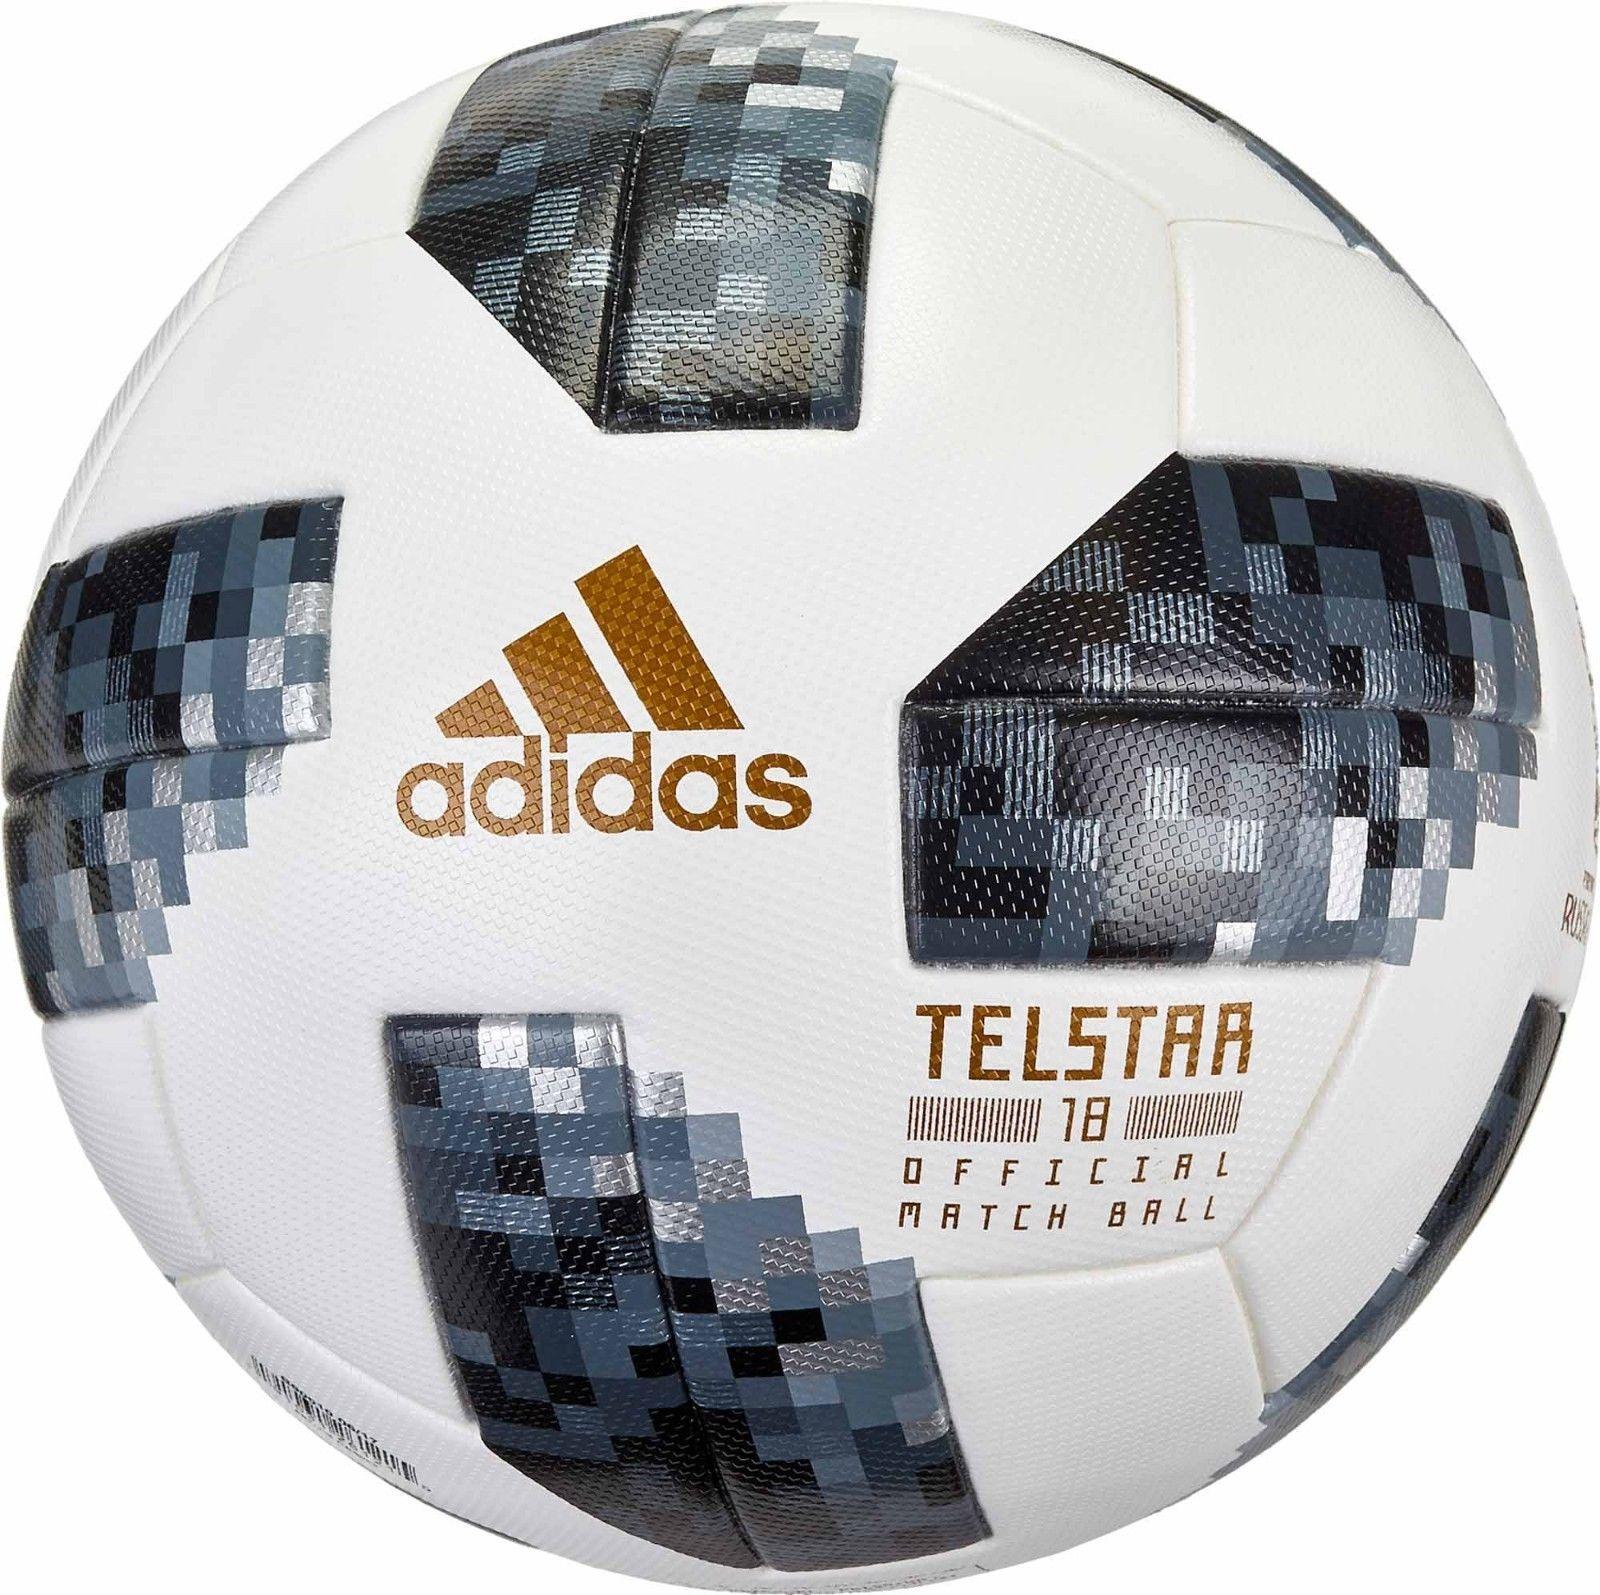 adidas 2018 fifa world cup russia telstar primo aliante pallone